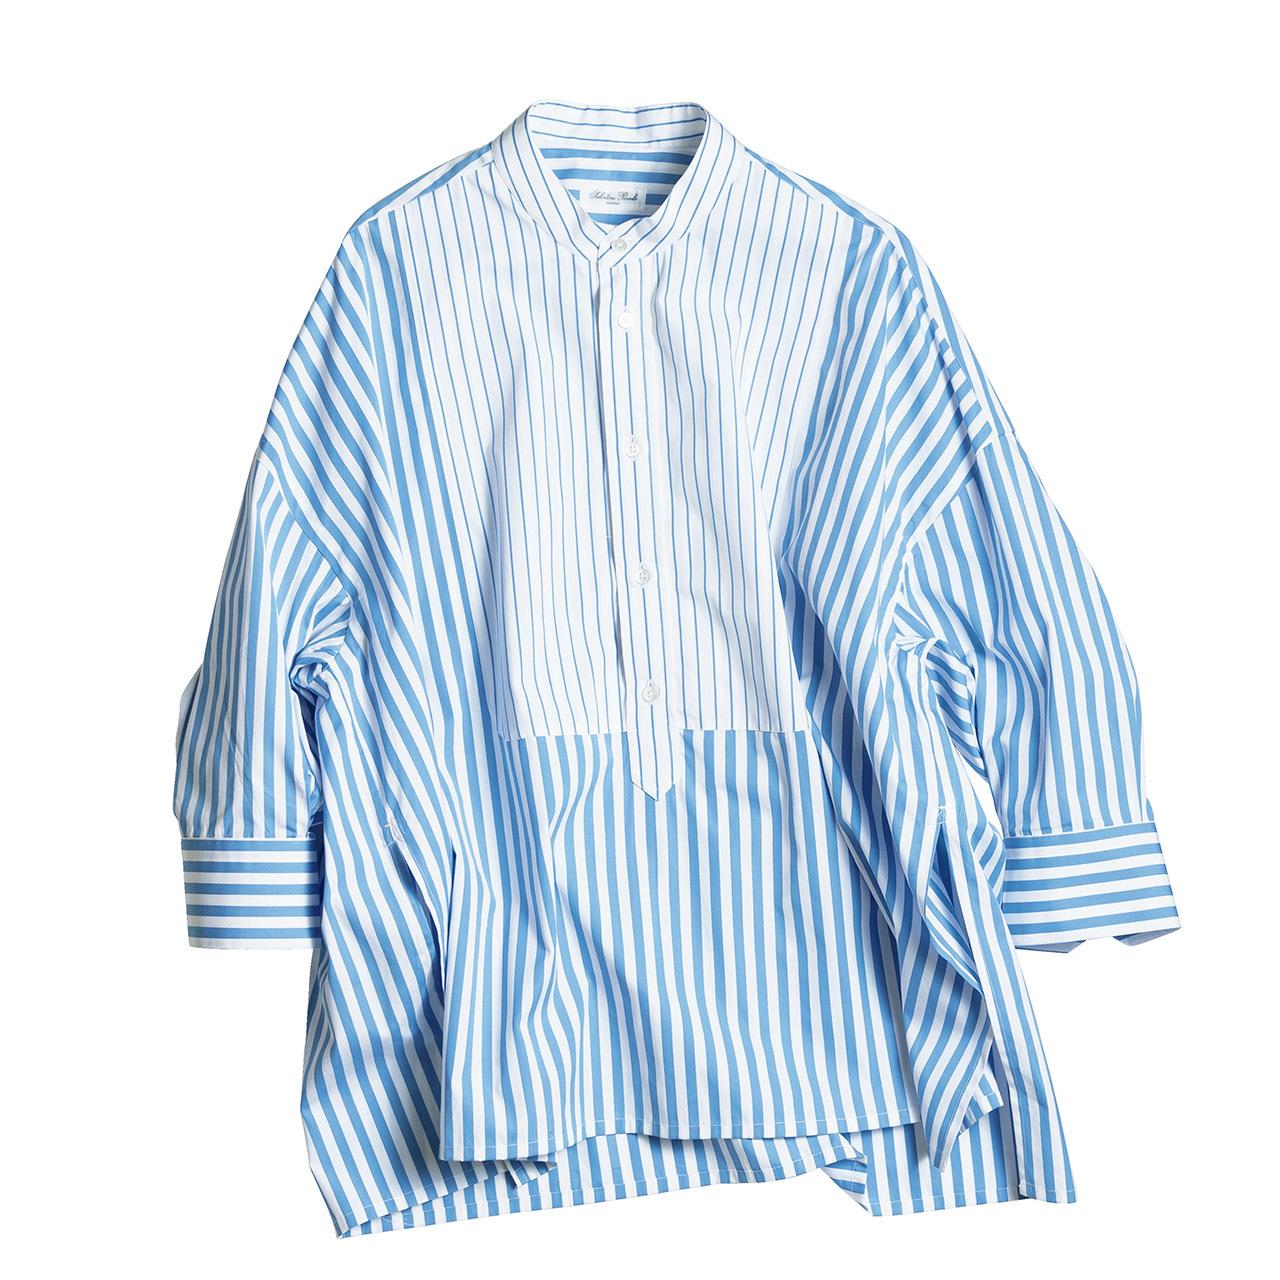 きりっと主張するストライプが、シャツを洗練スタイルに格上げ 五選_1_1-4